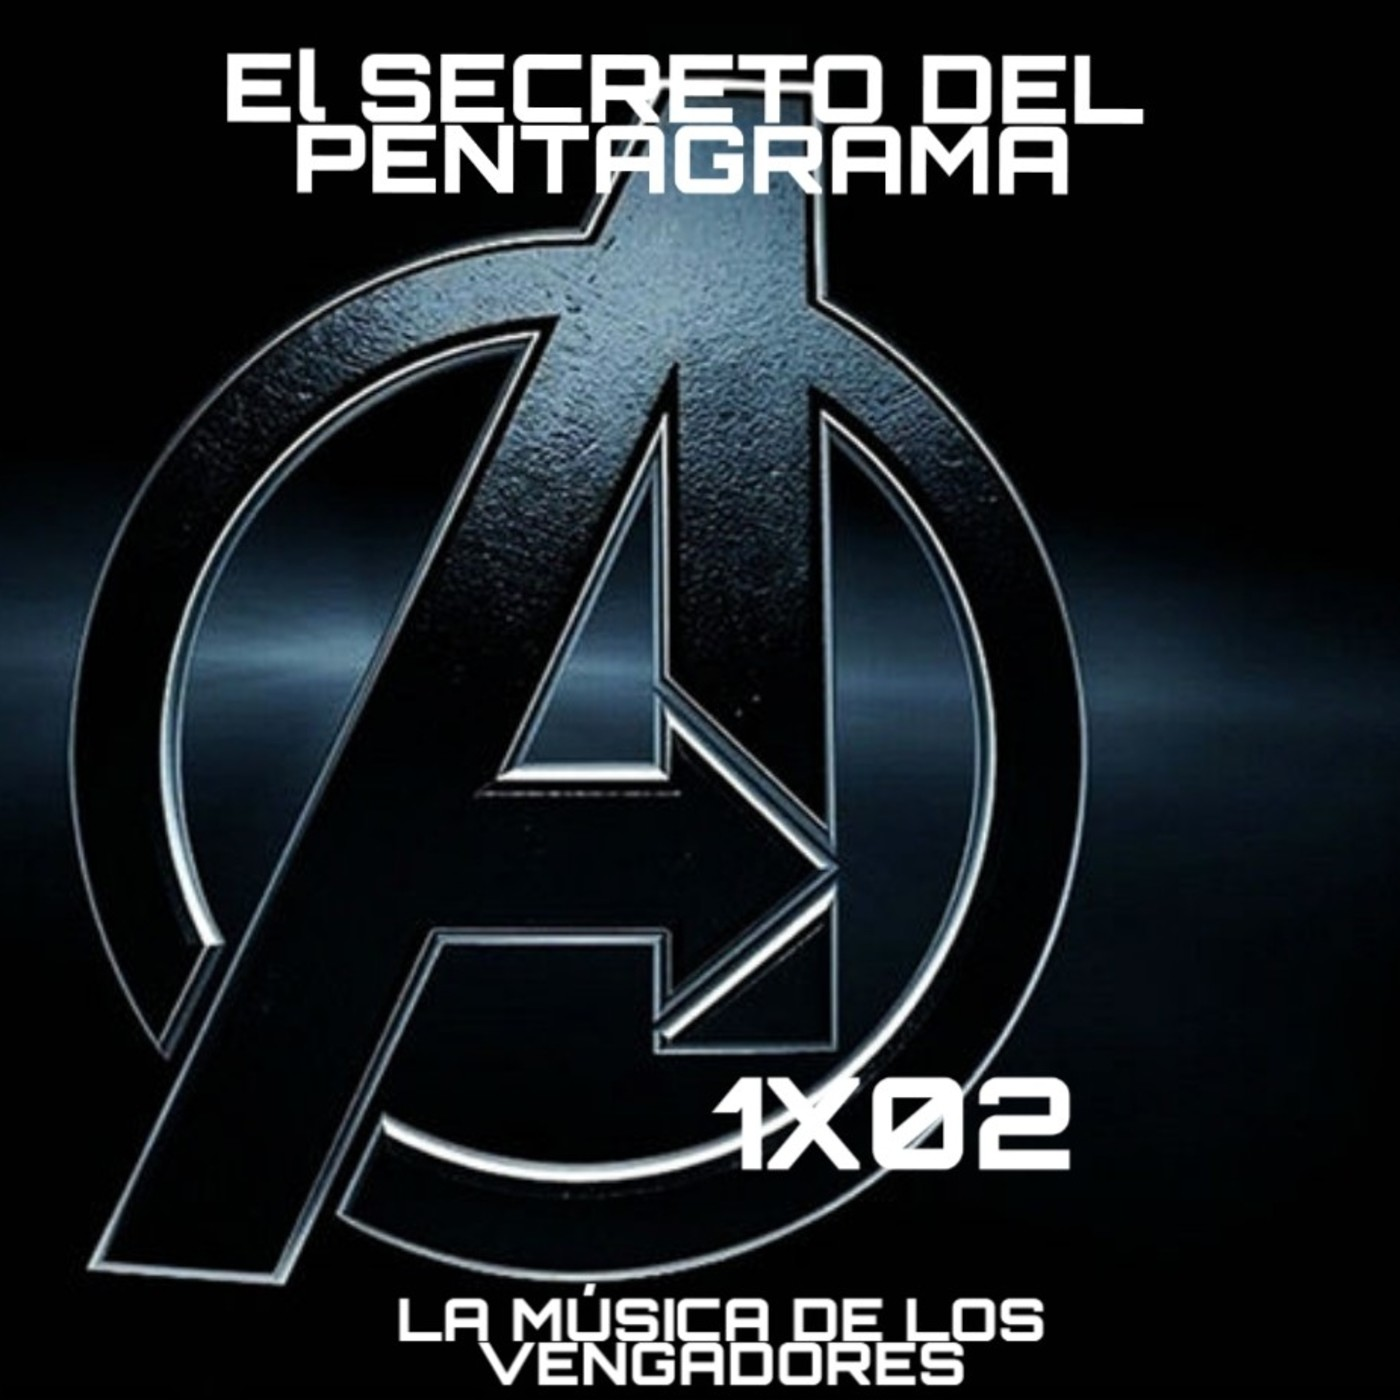 El Secreto del Pentagrama 1x02 La Musica de los Vengadores